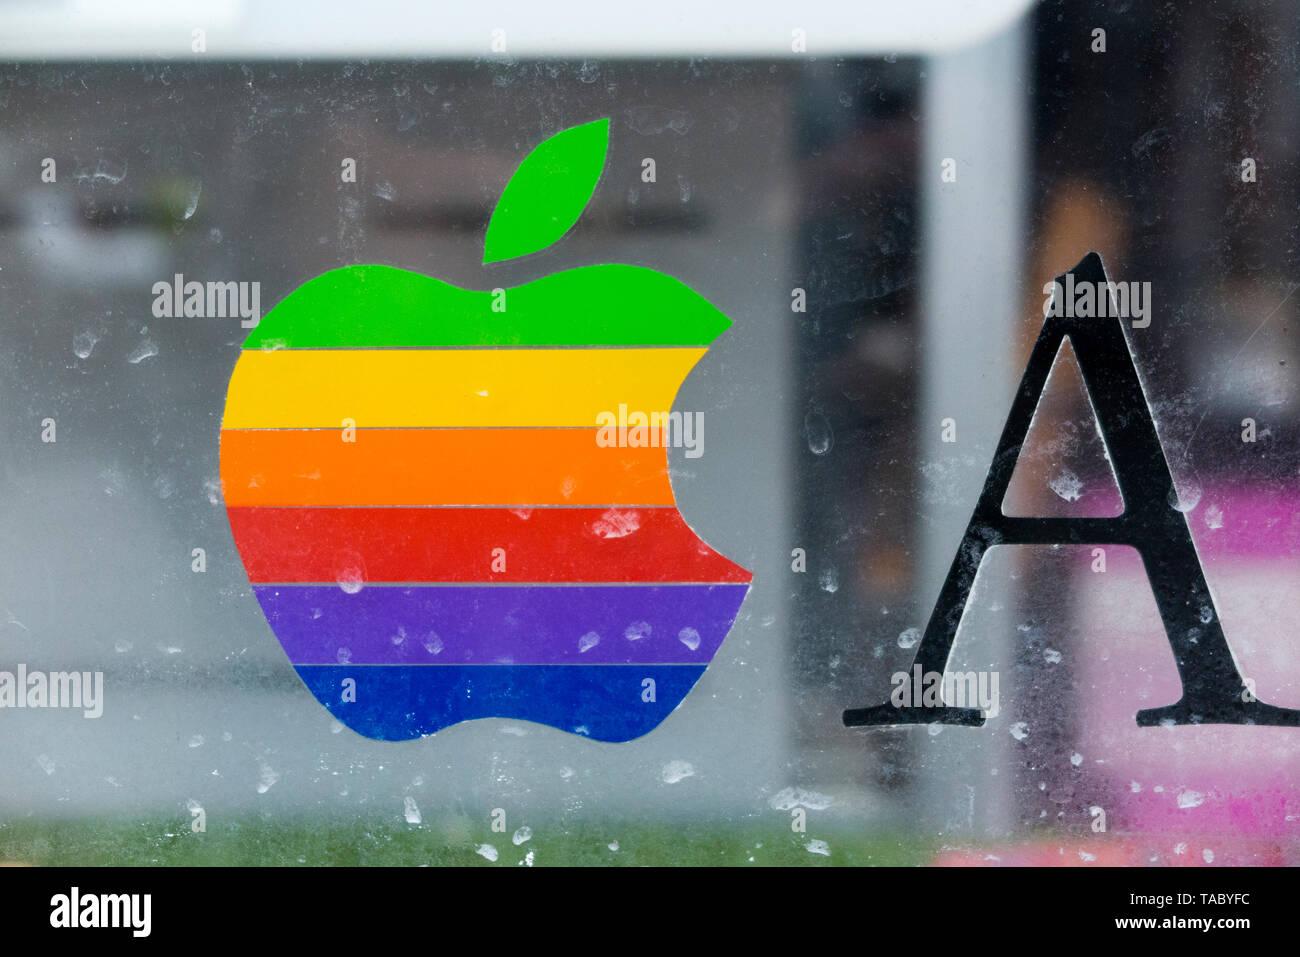 Arc-en-ciel classique mordu ordinateurs Apple logo autocollant de fenêtre dans un ordinateur réparation / fenêtre / réparateurs shop Revendeur Apple, au Royaume-Uni. (99) Photo Stock